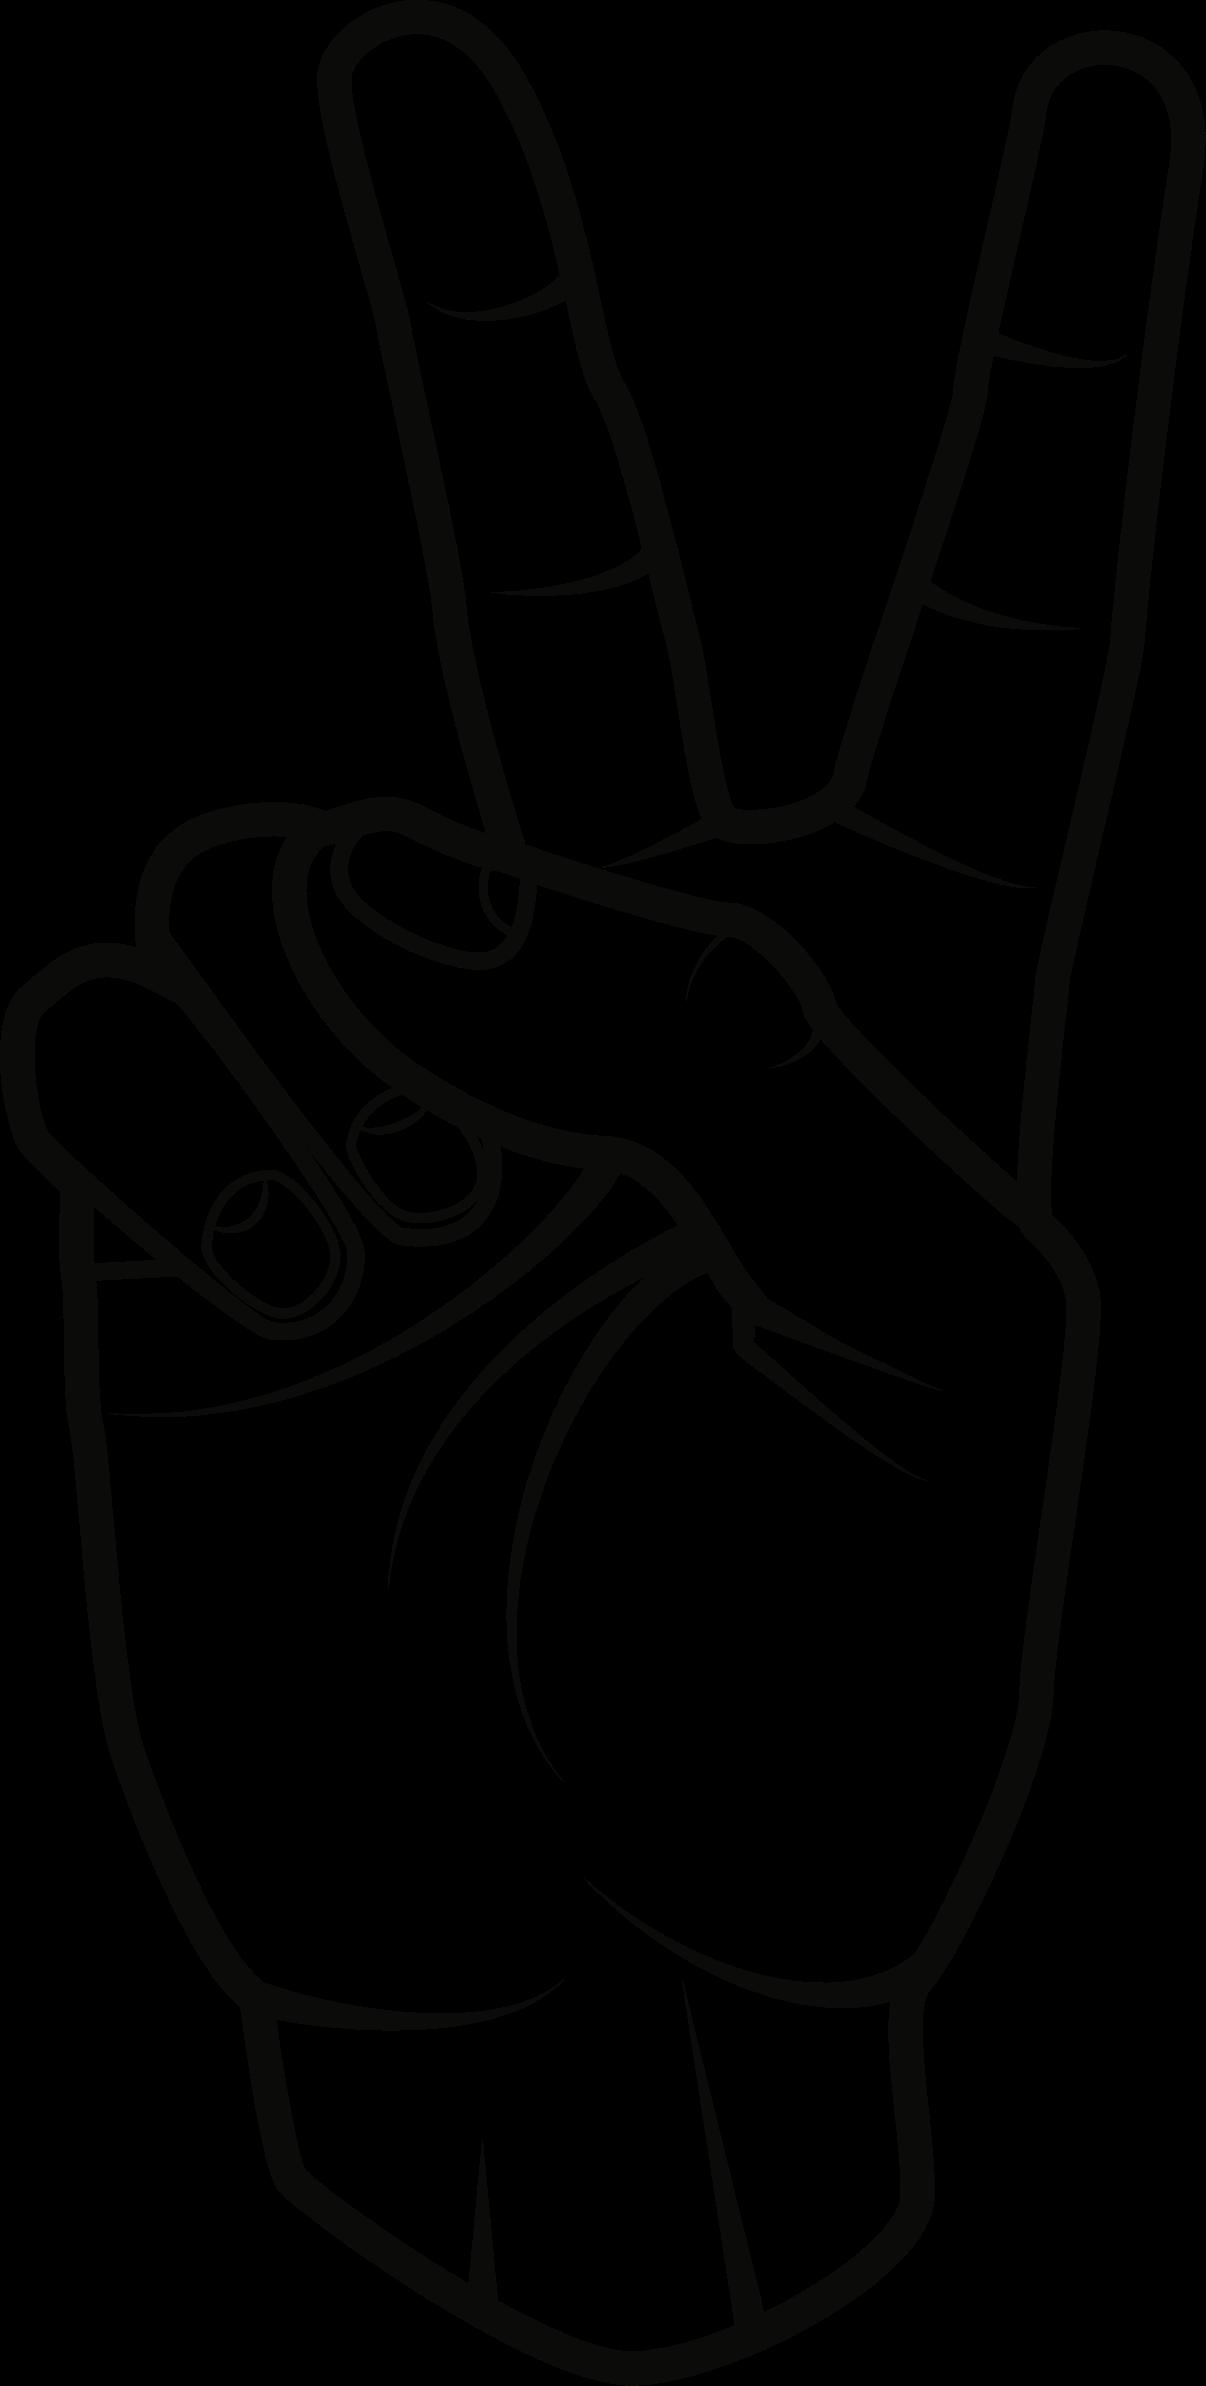 картинки символы с руками очаровательное